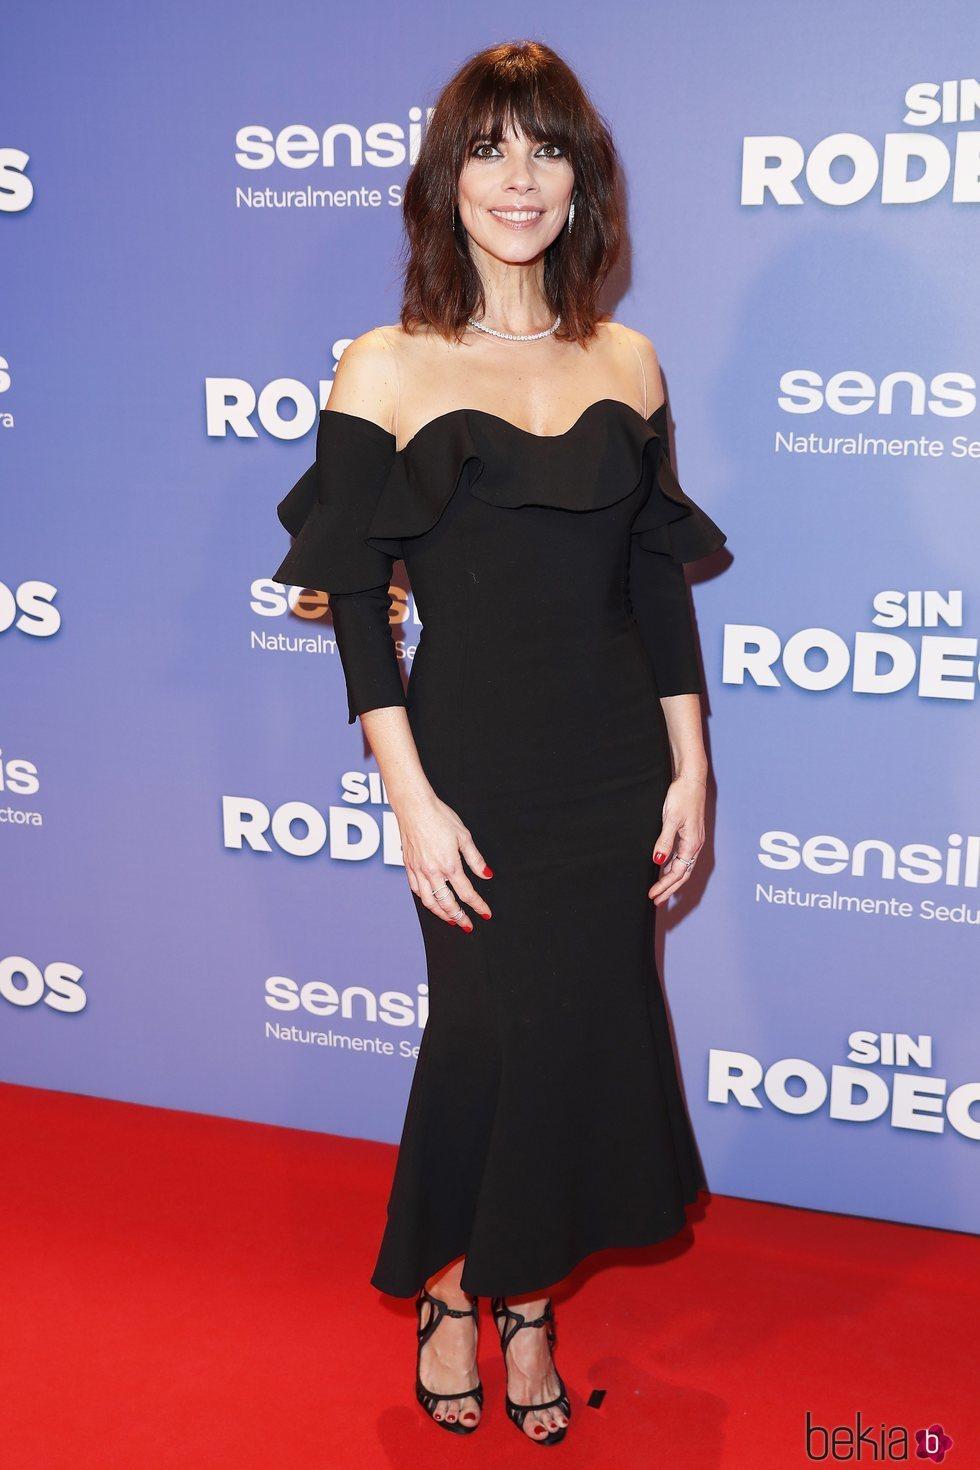 Maribel Verdú en la premier de la película 'Sin Rodeos'